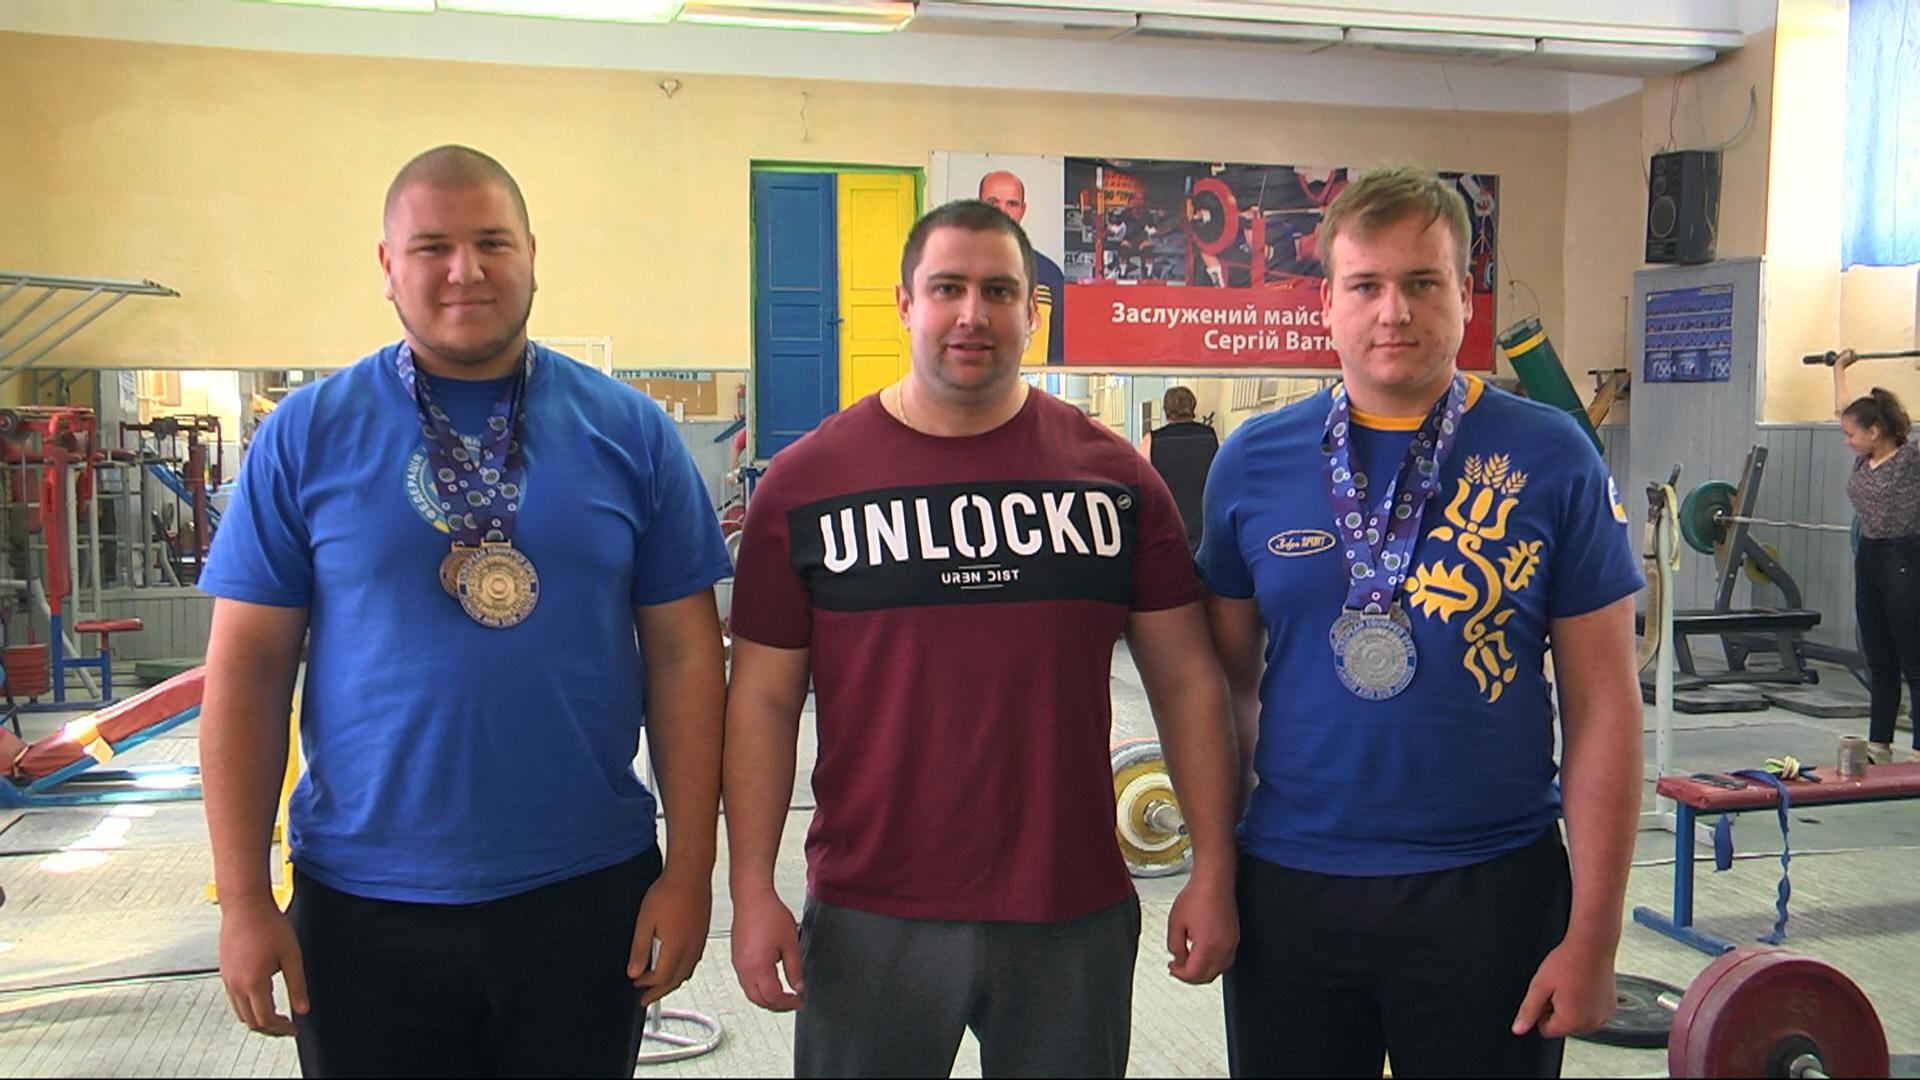 Коломийські пауерліфтери здобули 4 медалі на Чемпіонаті Європи (відеосюжет)